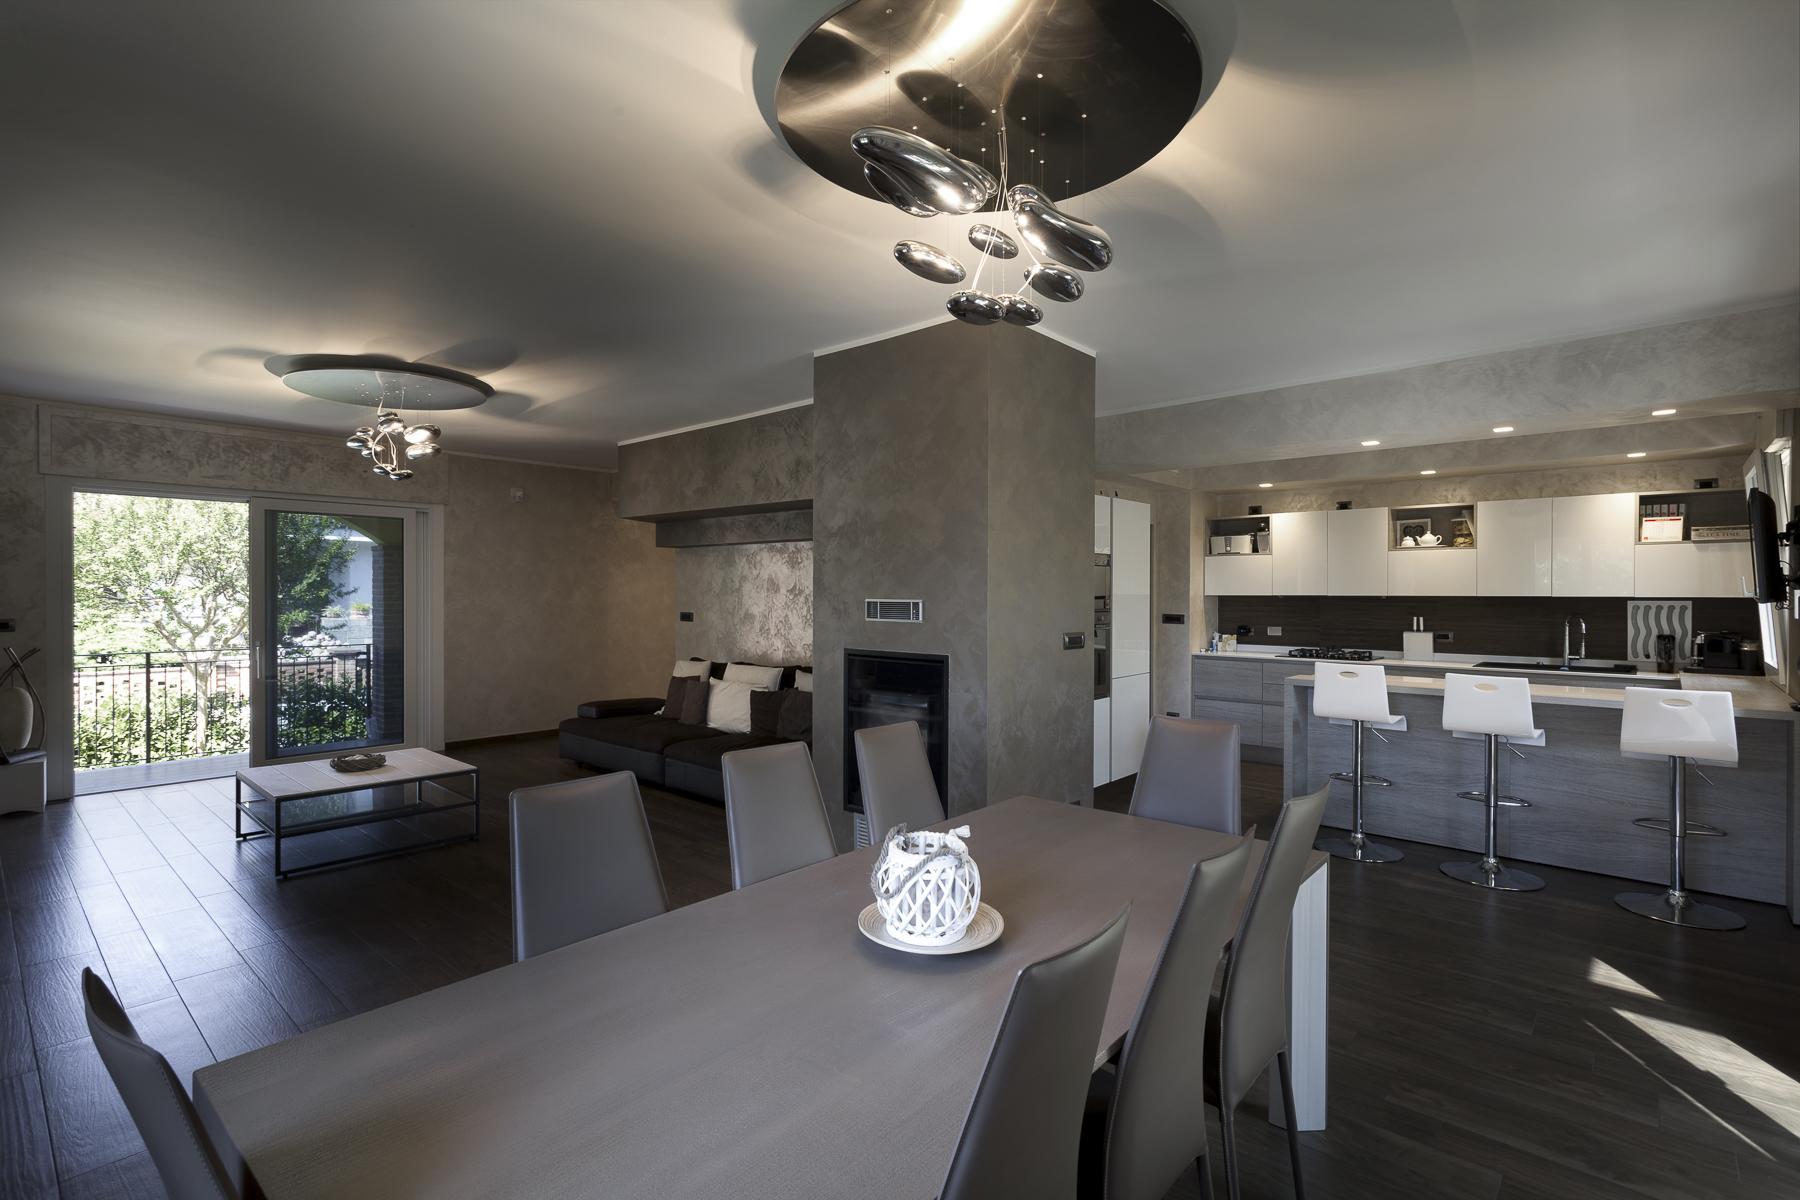 Casa indipendente in Vendita a Moncalieri: 5 locali, 250 mq - Foto 2